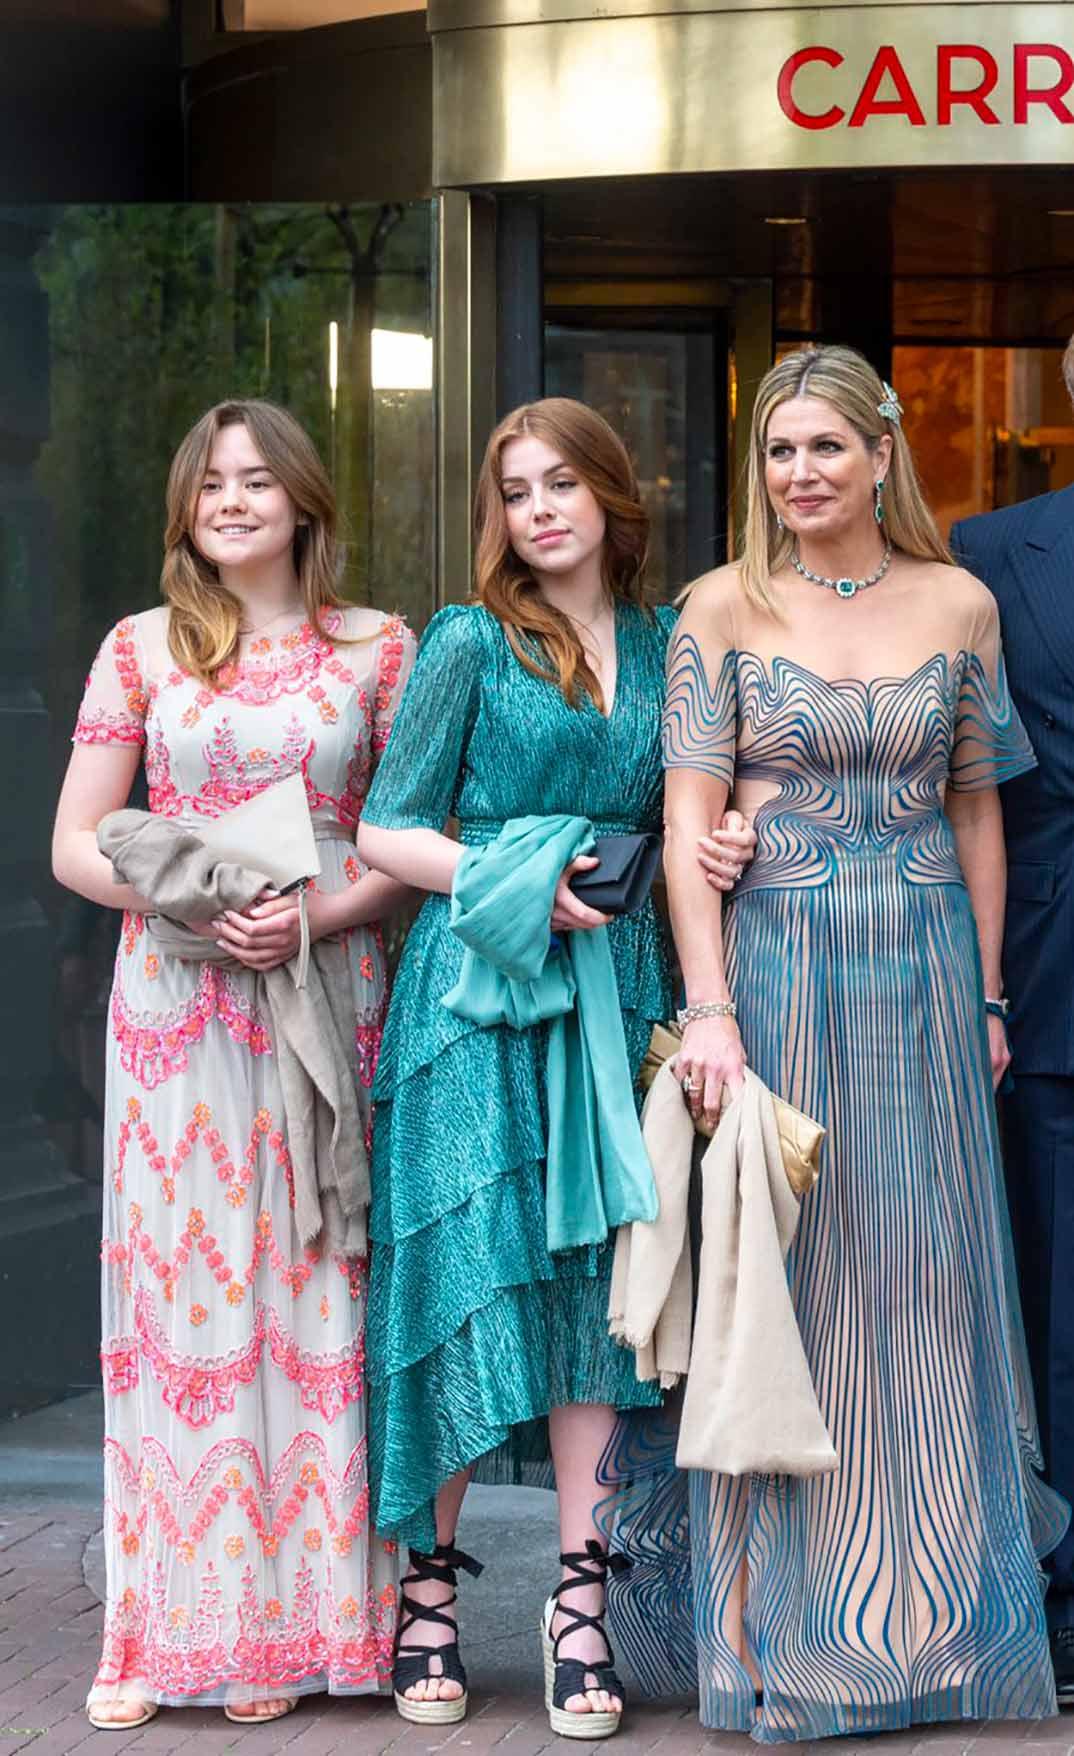 Máxima de Holanda con sus hijas, la princesa Ariadne y Alexia © koninklijkhuis/Instagram